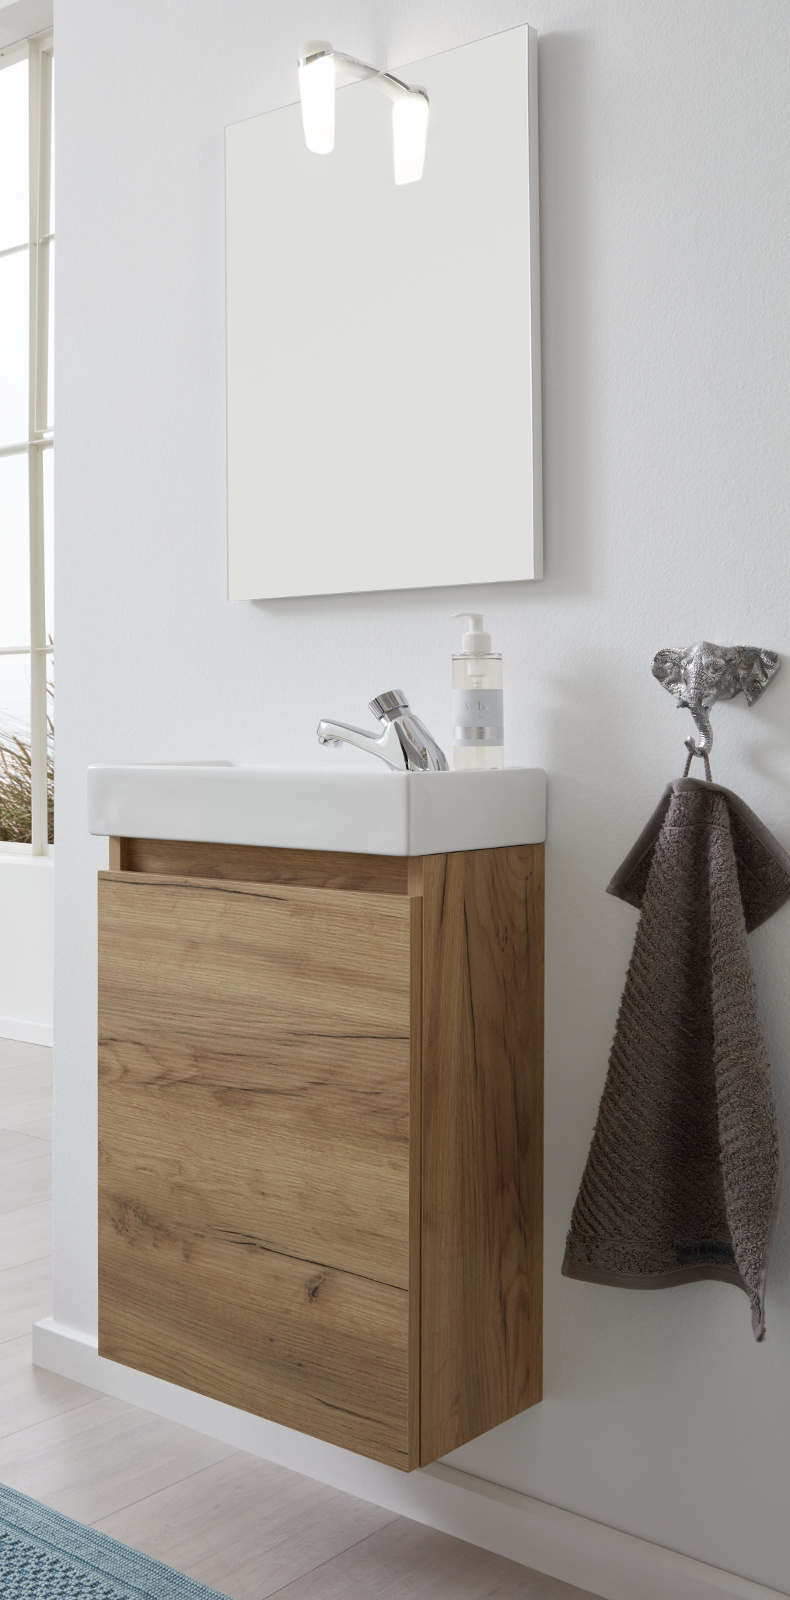 Kleiderschrank weiß hochglanz 3 türig  Ikea Kleiderschrank Weiß Lack ~ speyeder.net = Verschiedene Ideen ...